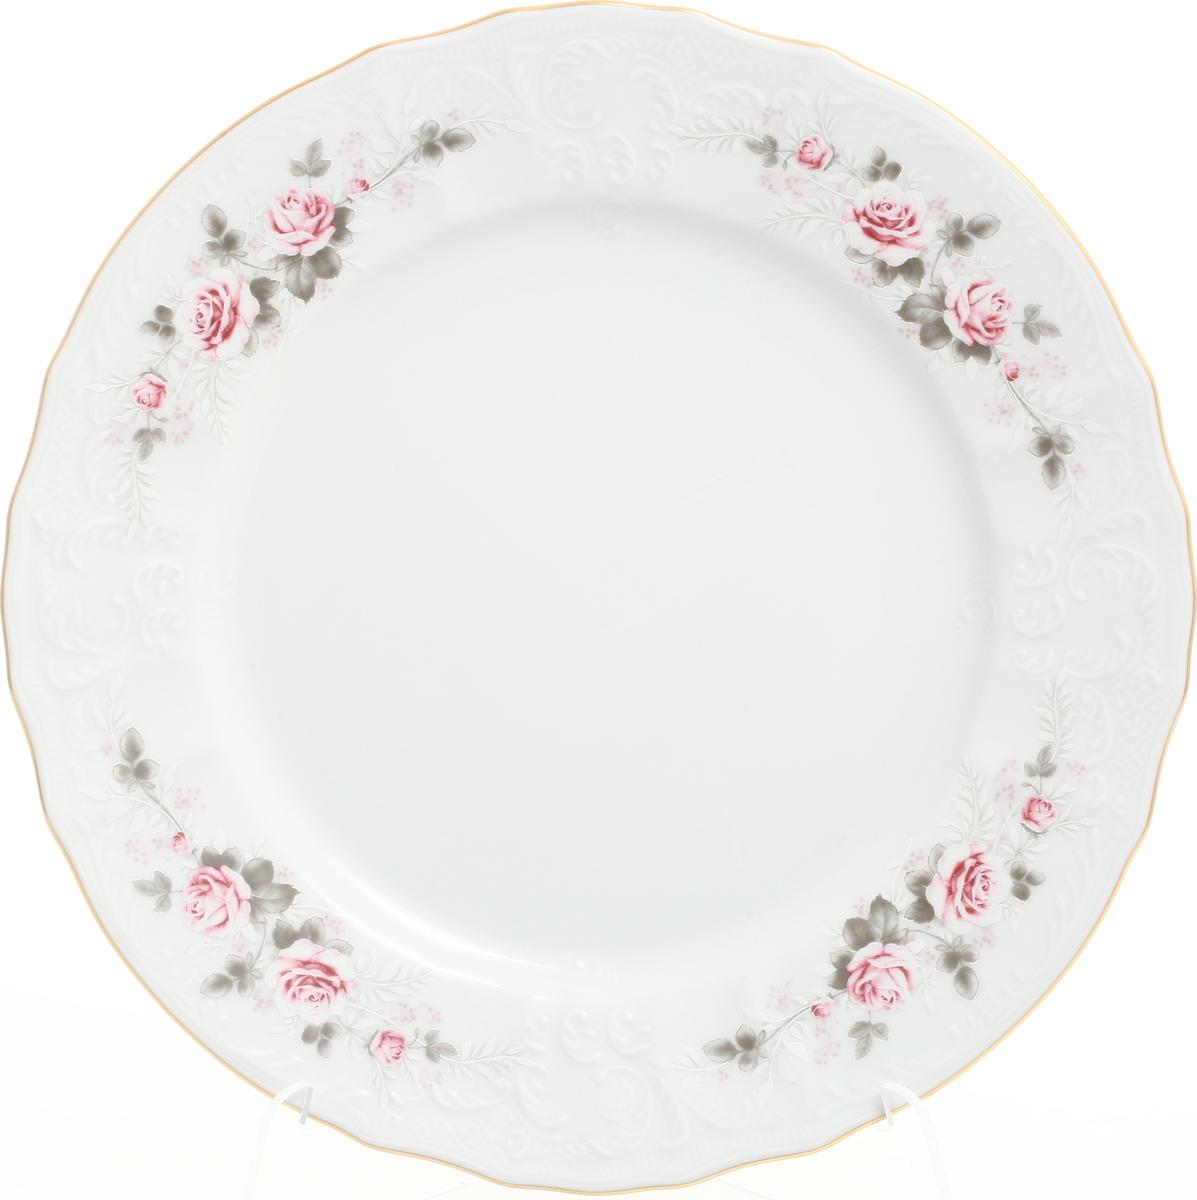 Набор тарелок Bernadotte Серая роза. Золото, диаметр 25 см, 6 шт набор глубоких тарелок bernadotte серая роза золото диаметр 23 см 6 шт